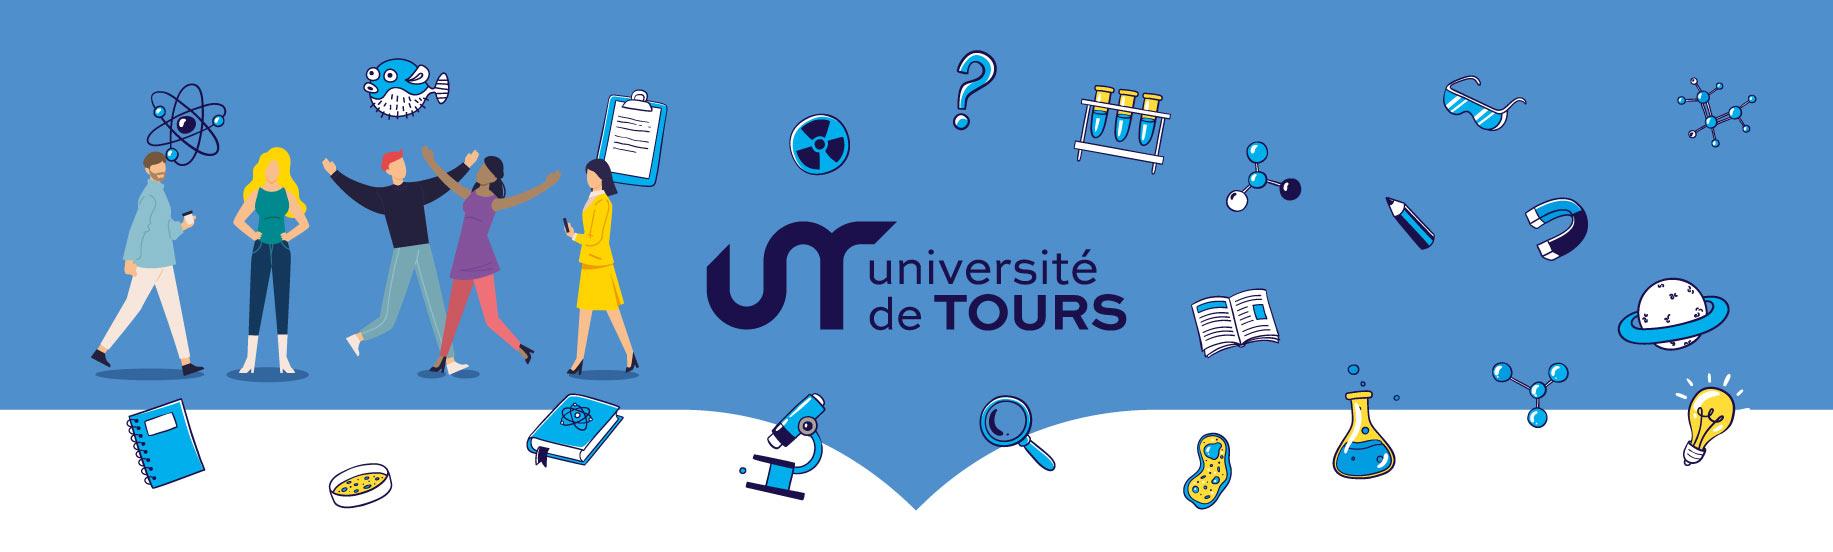 image d'illustration du projet de l'université de tours